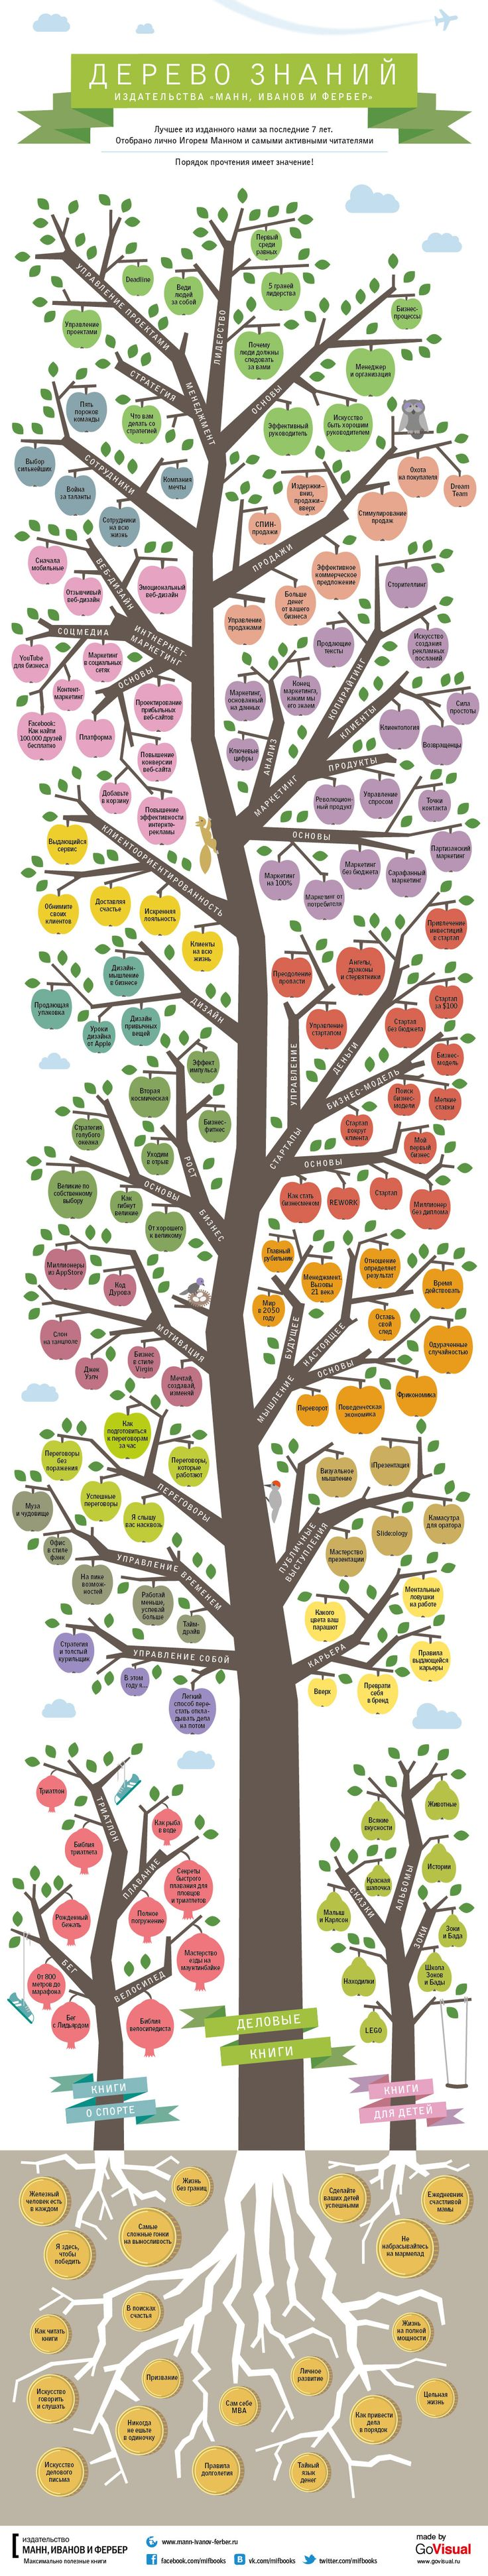 Дерево знаний — лучшее из изданного нами за последние 7 лет. Отобрано лично Игорем Манном и самыми активными читателями.